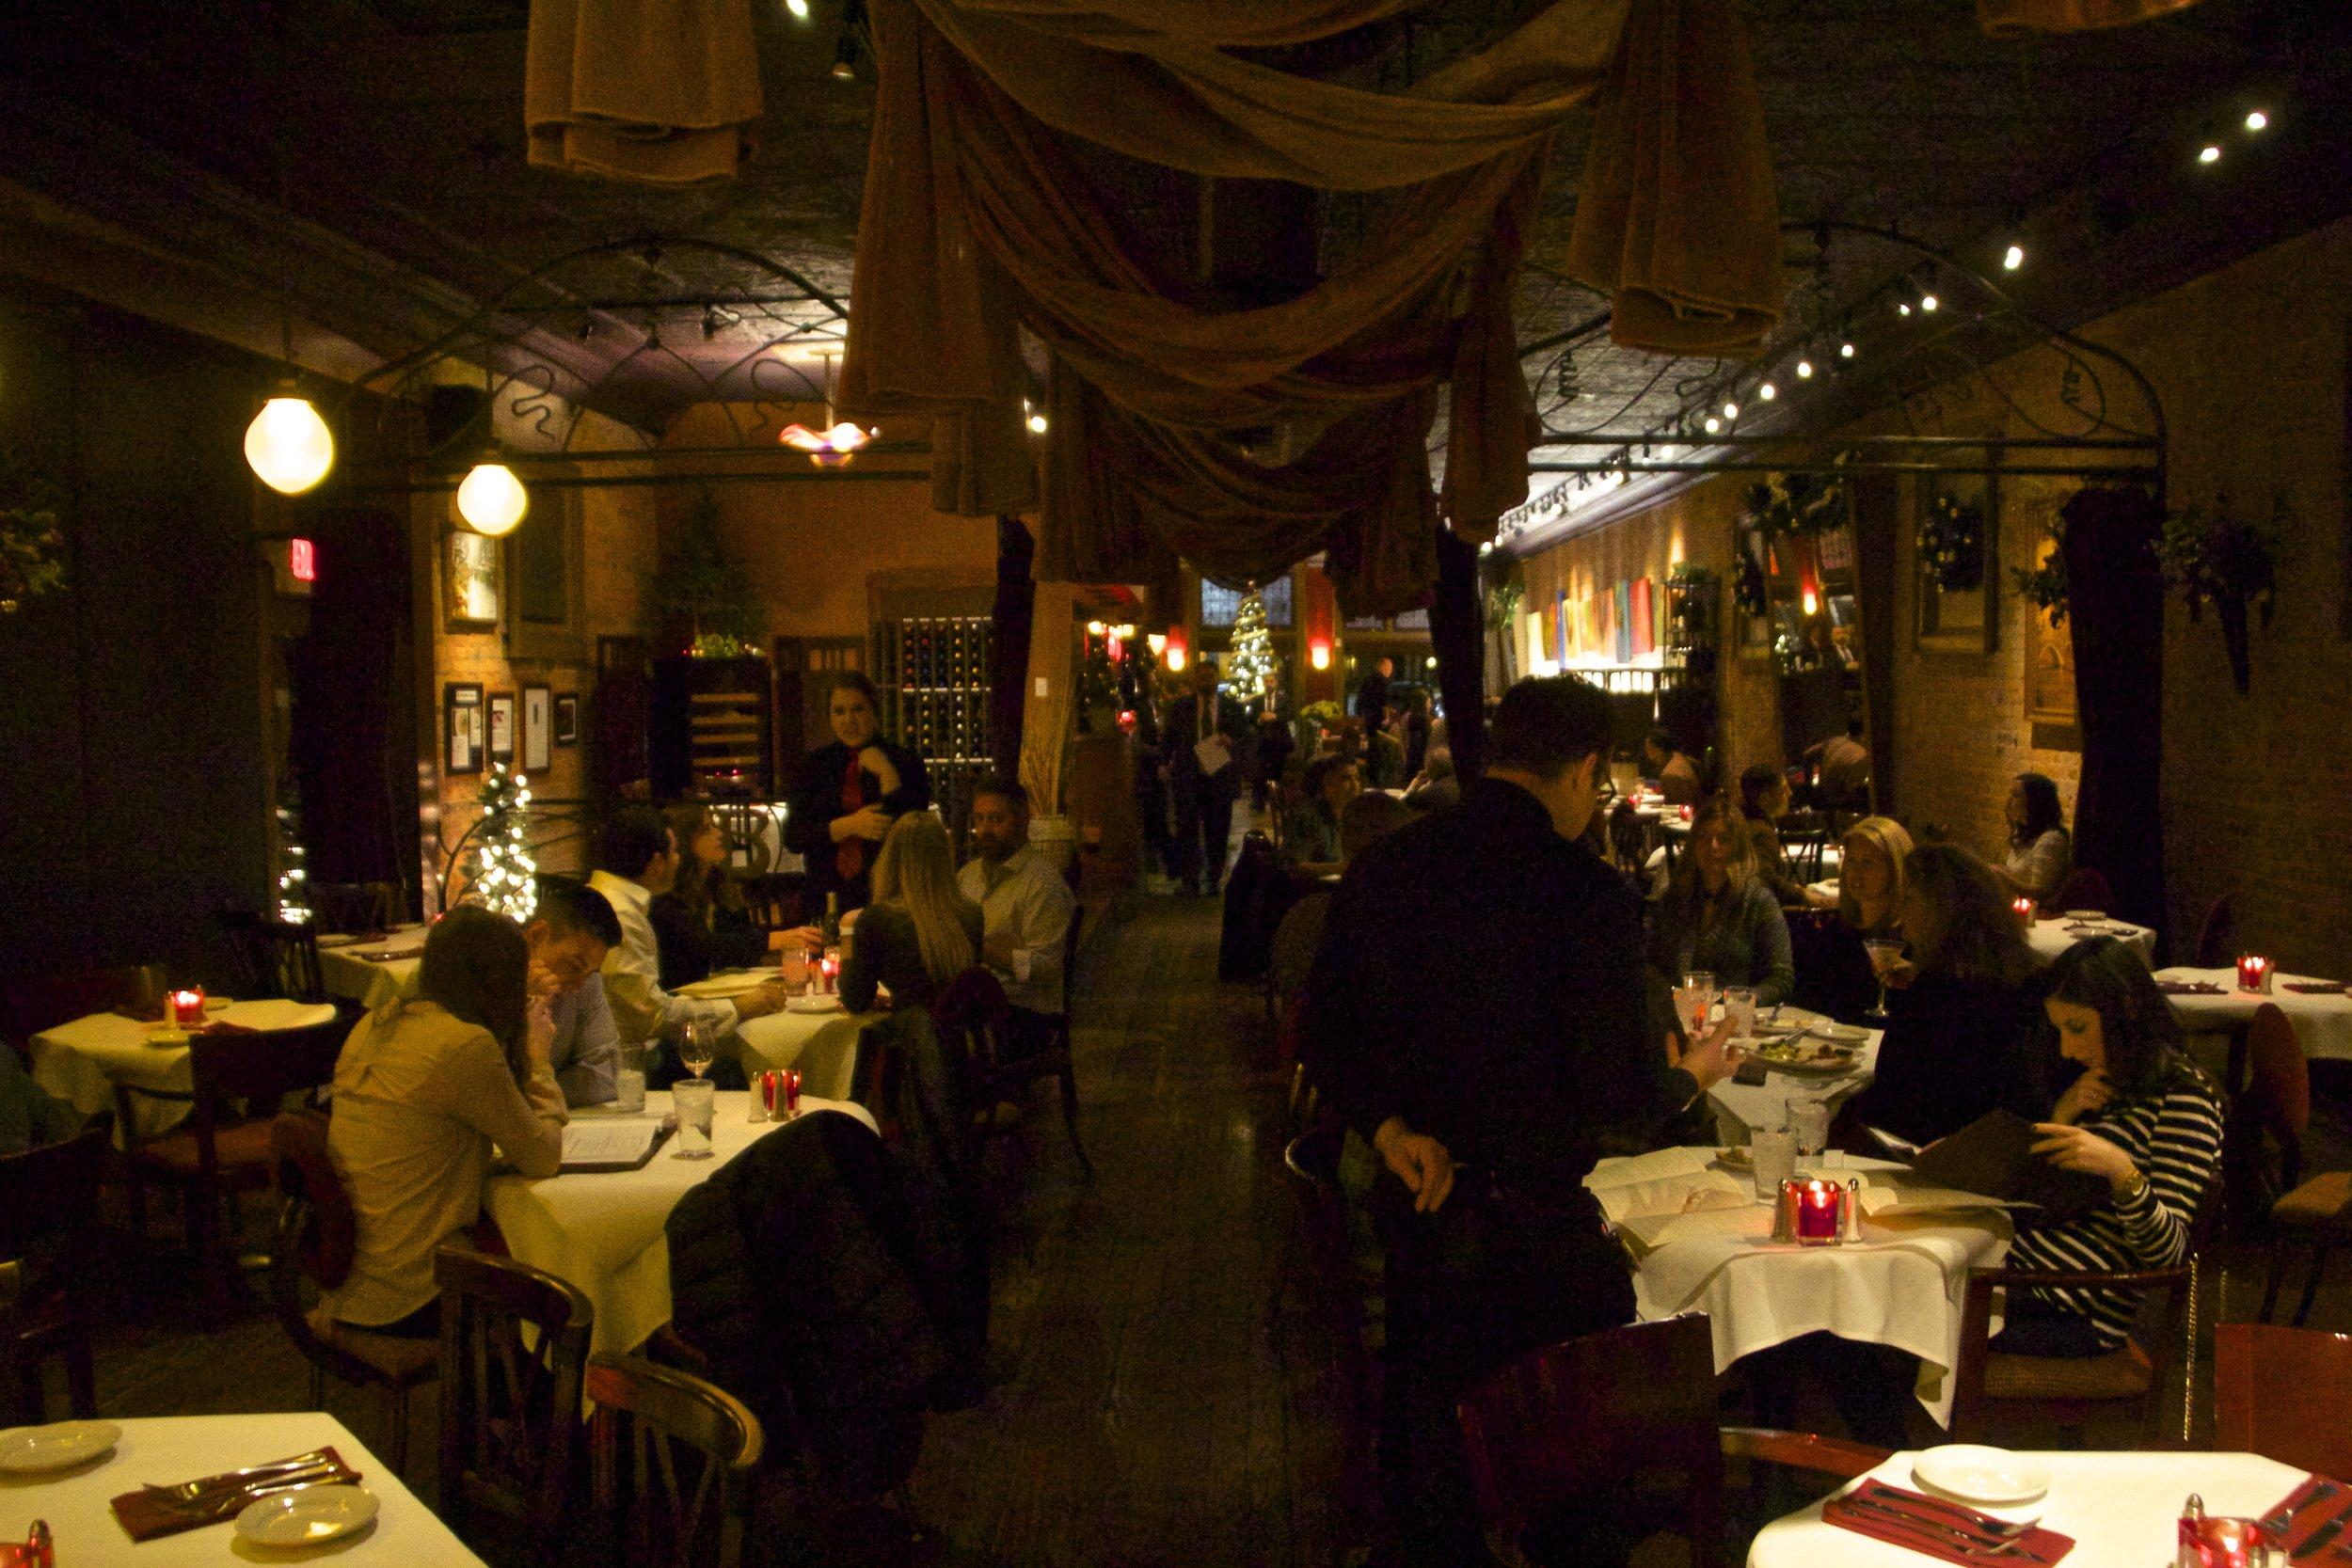 barcelona-columbus-restaurants-1.jpg